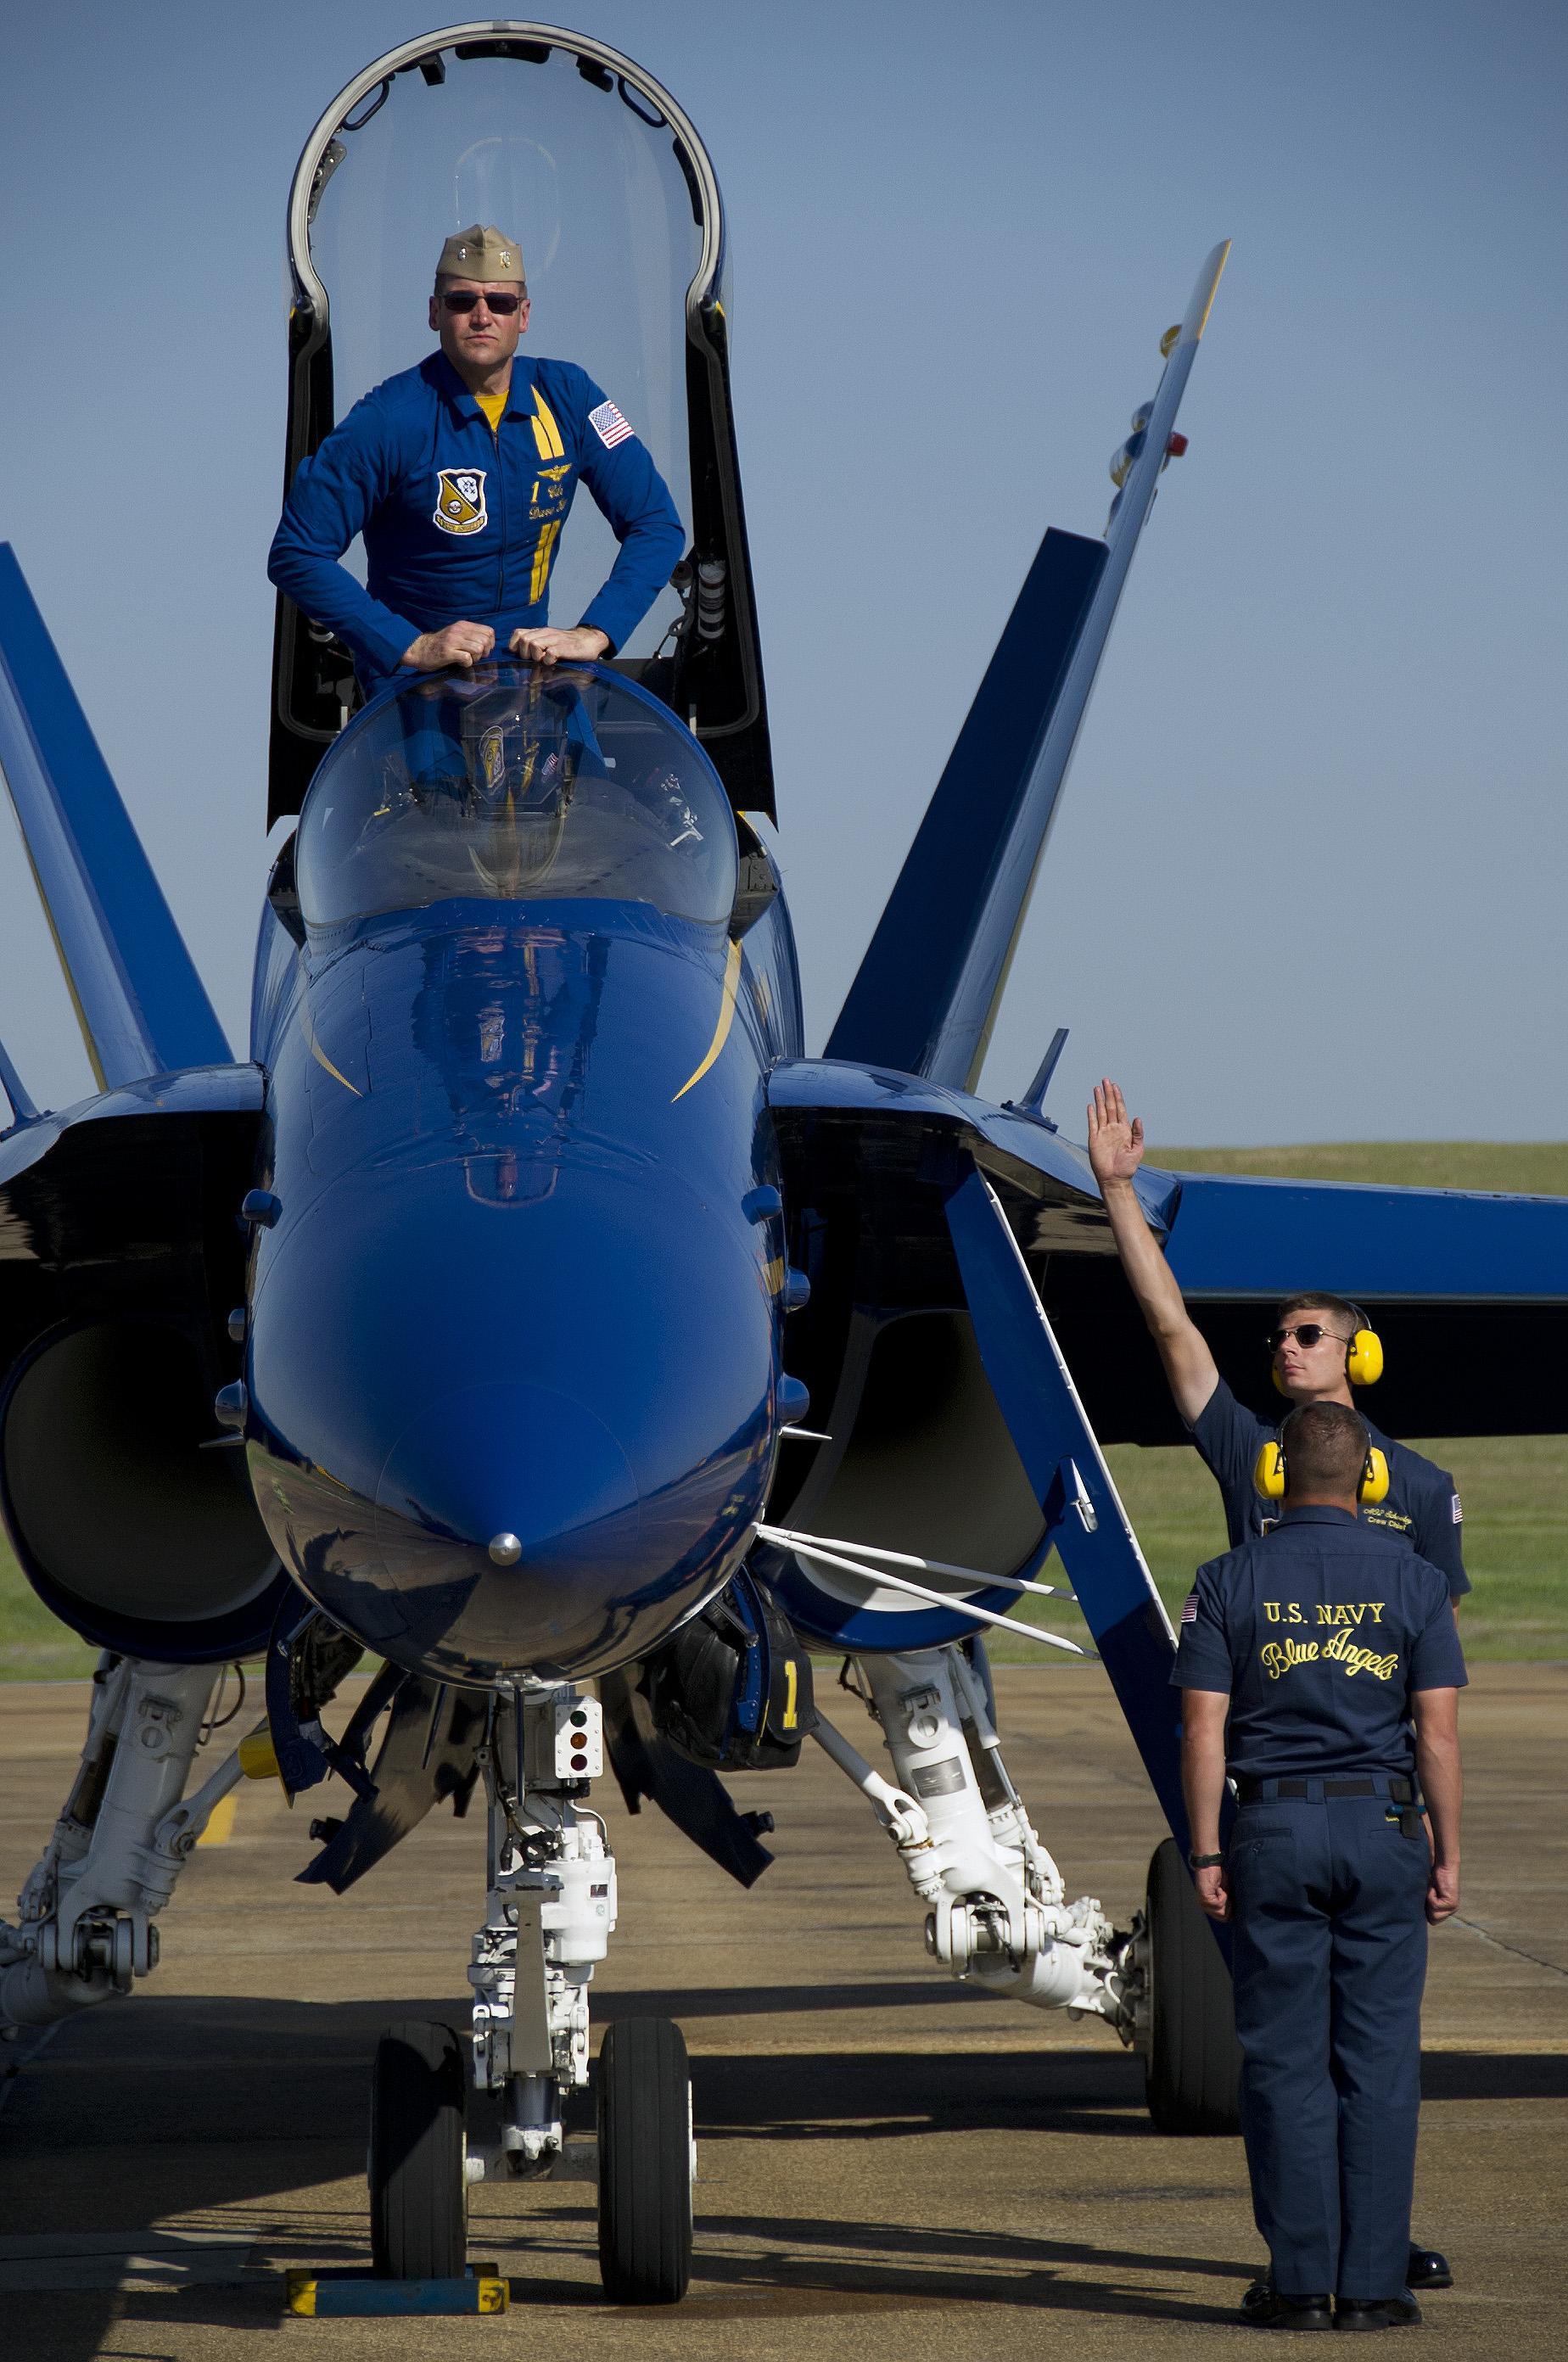 中国空军07飞行标志图片_美空军摄影师给飞行员拍照_军事_环球网